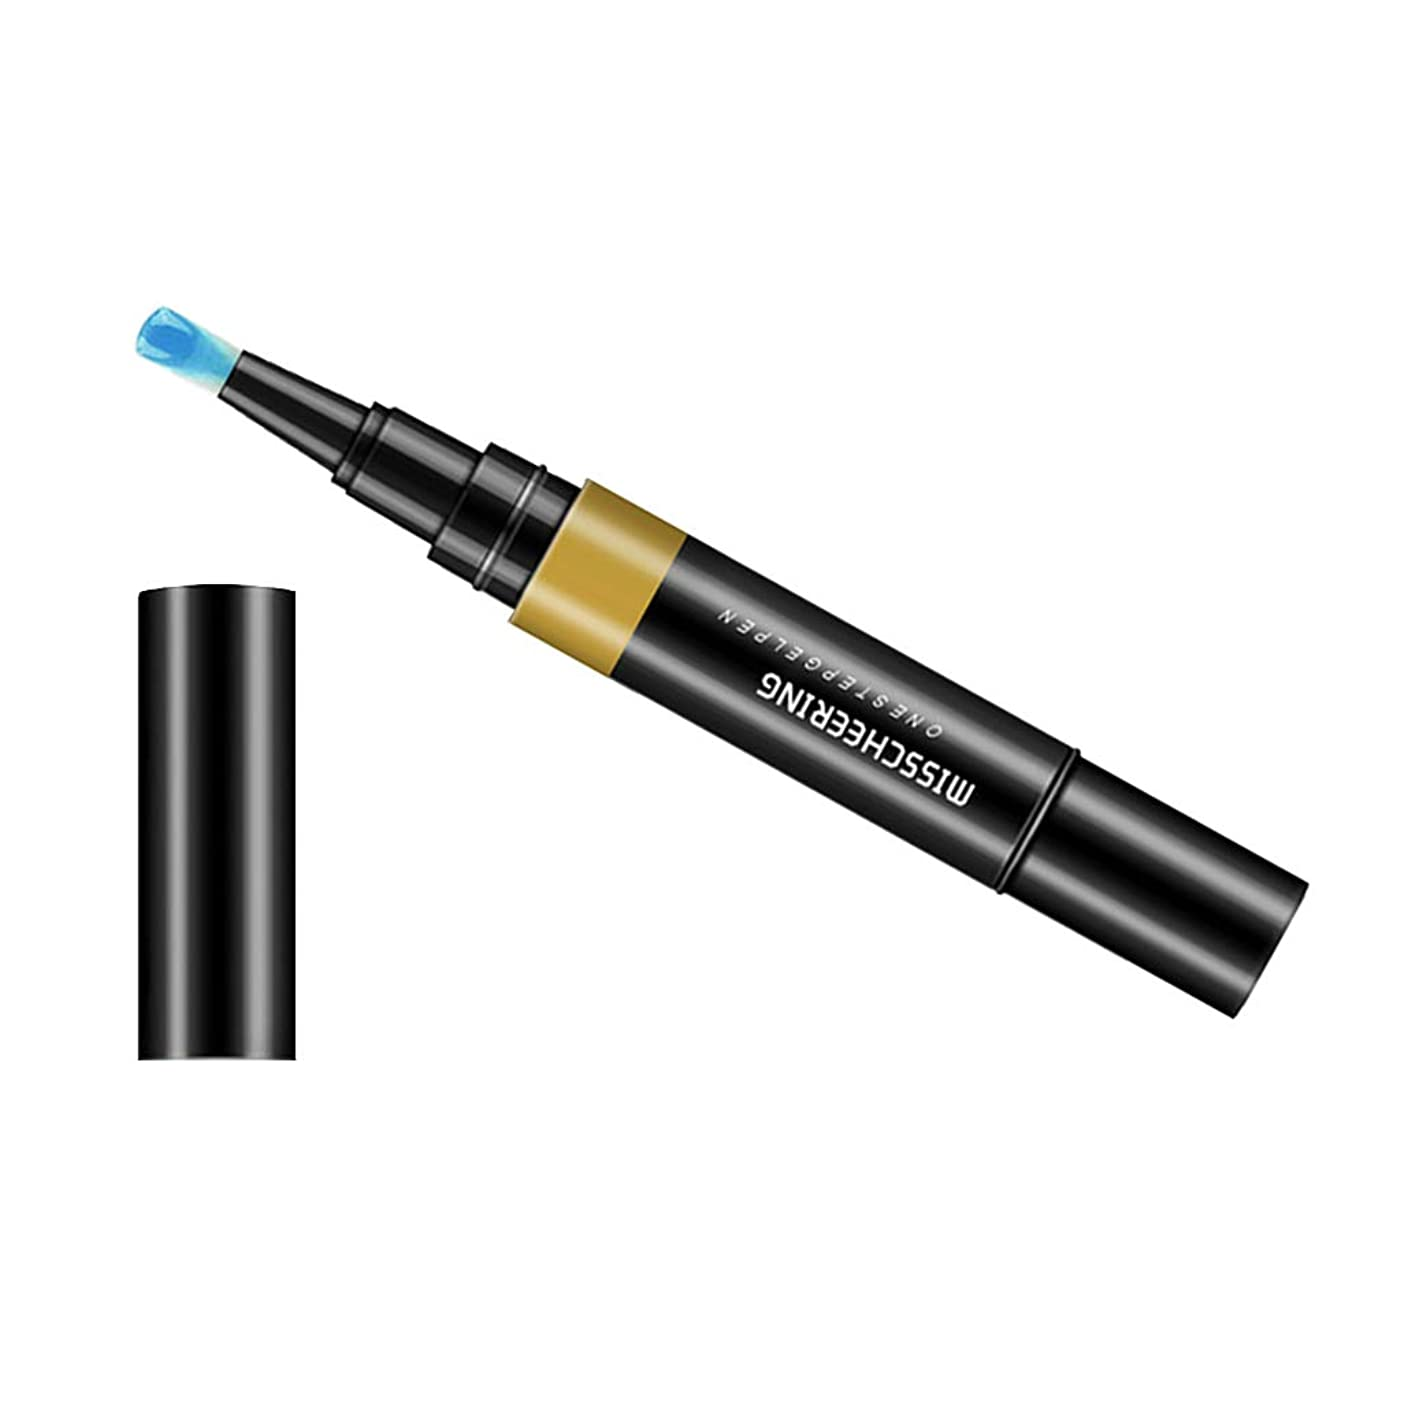 旅客政治病気のCUTICATE ネイルアートペン マニキュアペン セルフネイル 3 イン 1 カラージェル ネイルデザイン ジェルネイル - ブルー